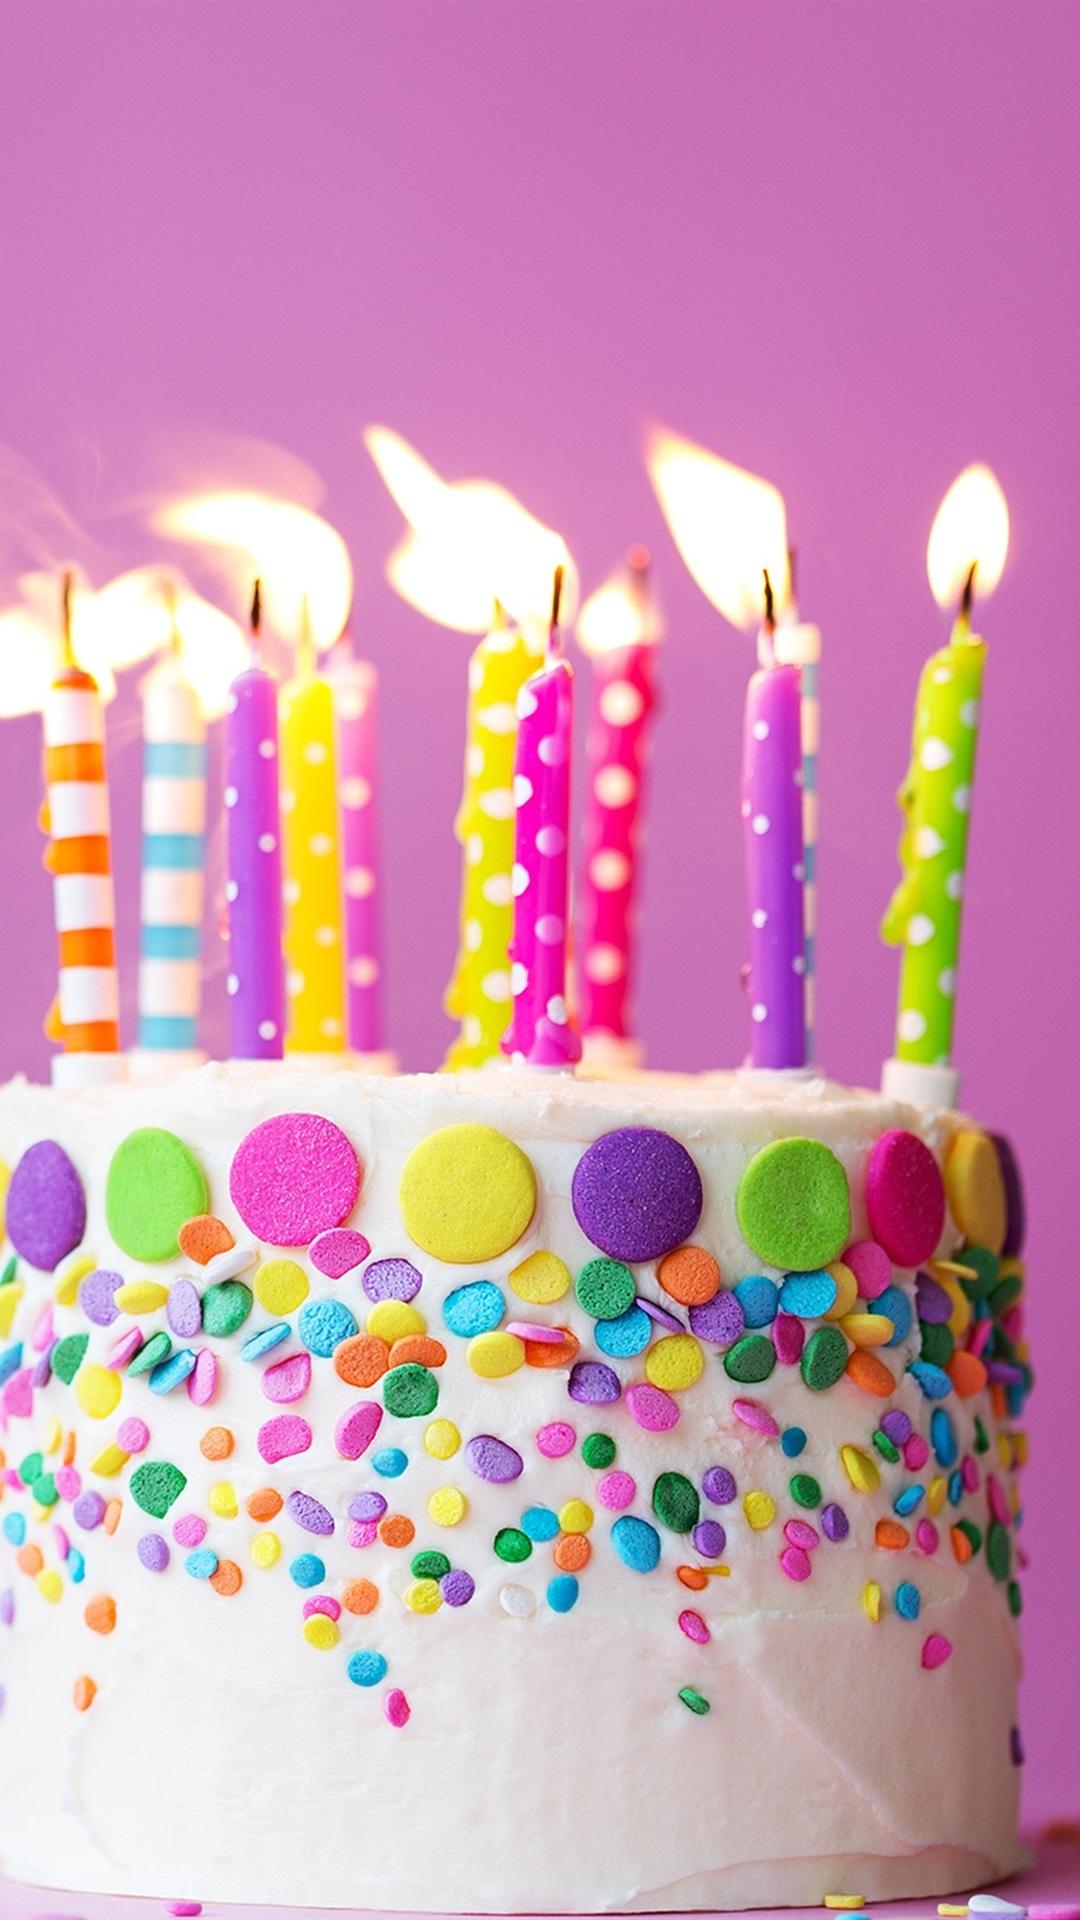 Картинки торта со свечами на день рождения